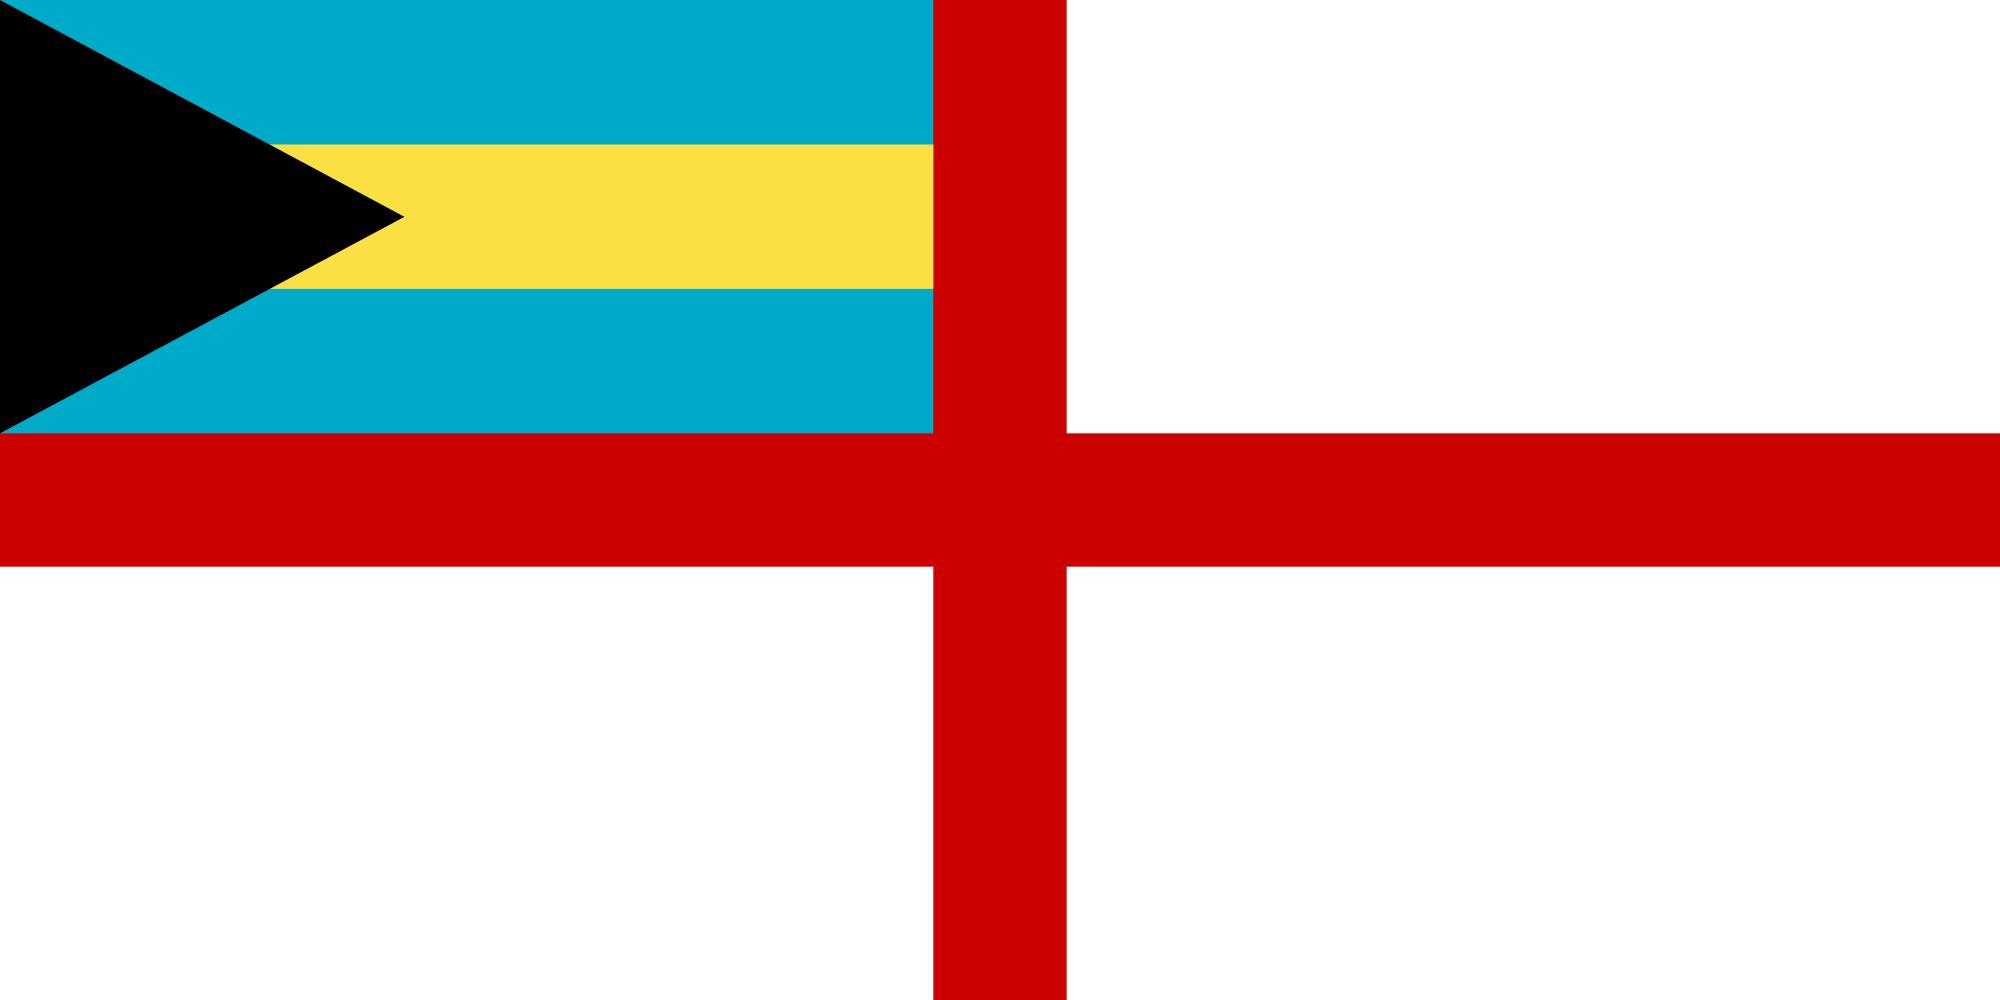 Bahamas (Naval ensign)